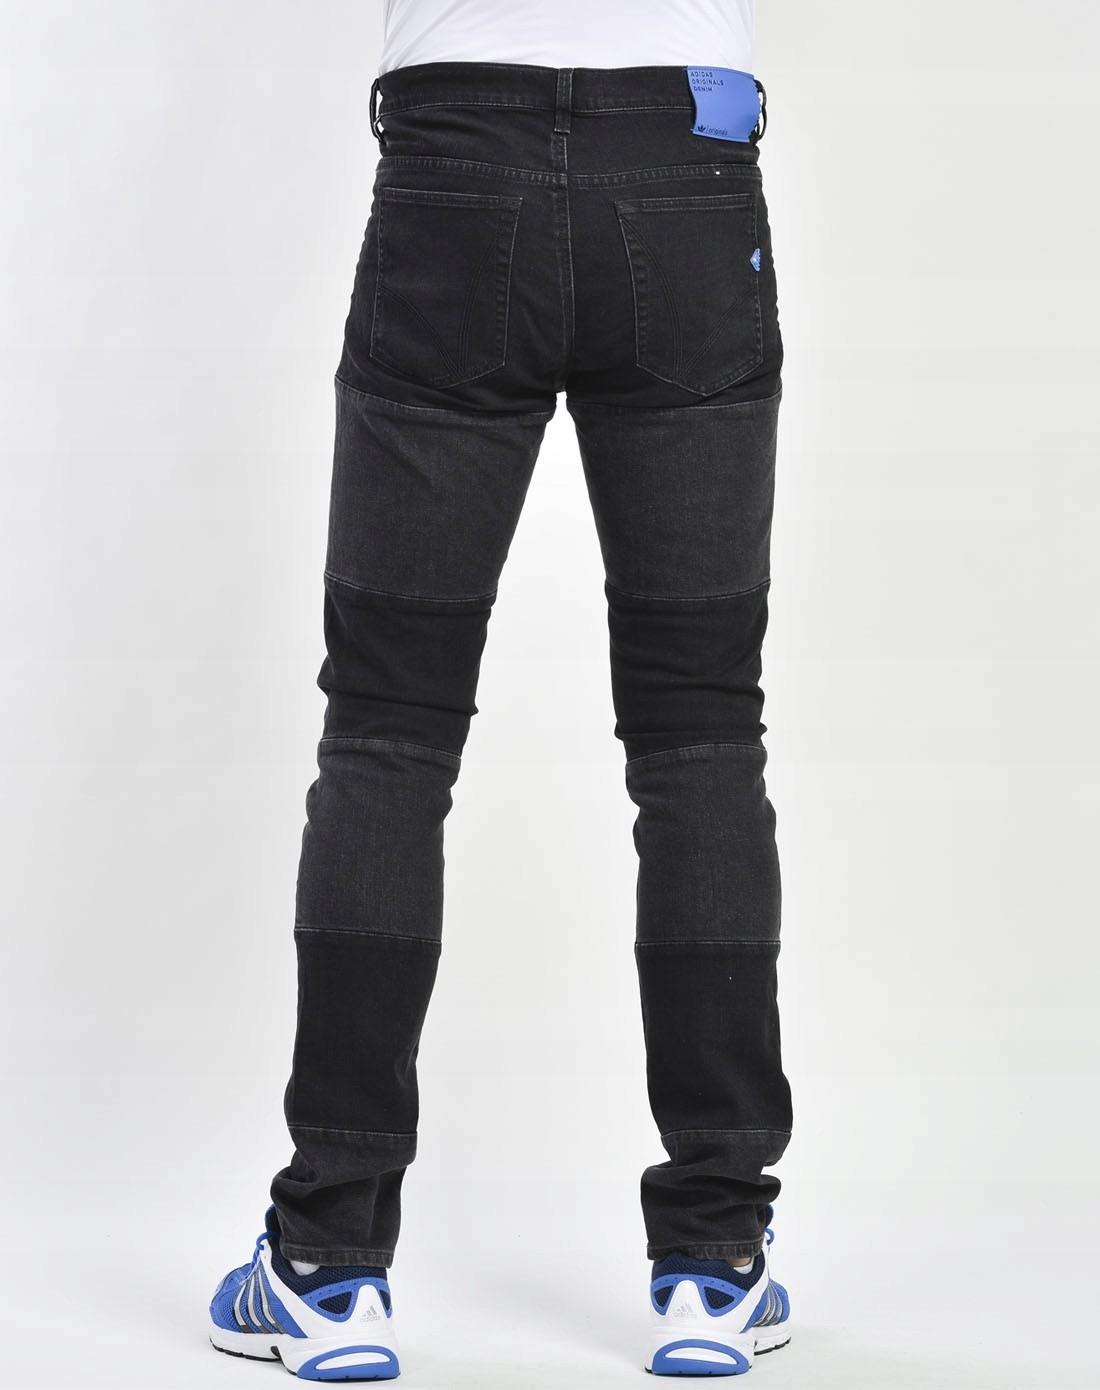 hot sales 8a6d8 d19d2 Adidas Mad Cab Skinny Fit Jeans męskie - W36  L32 (7427764293)